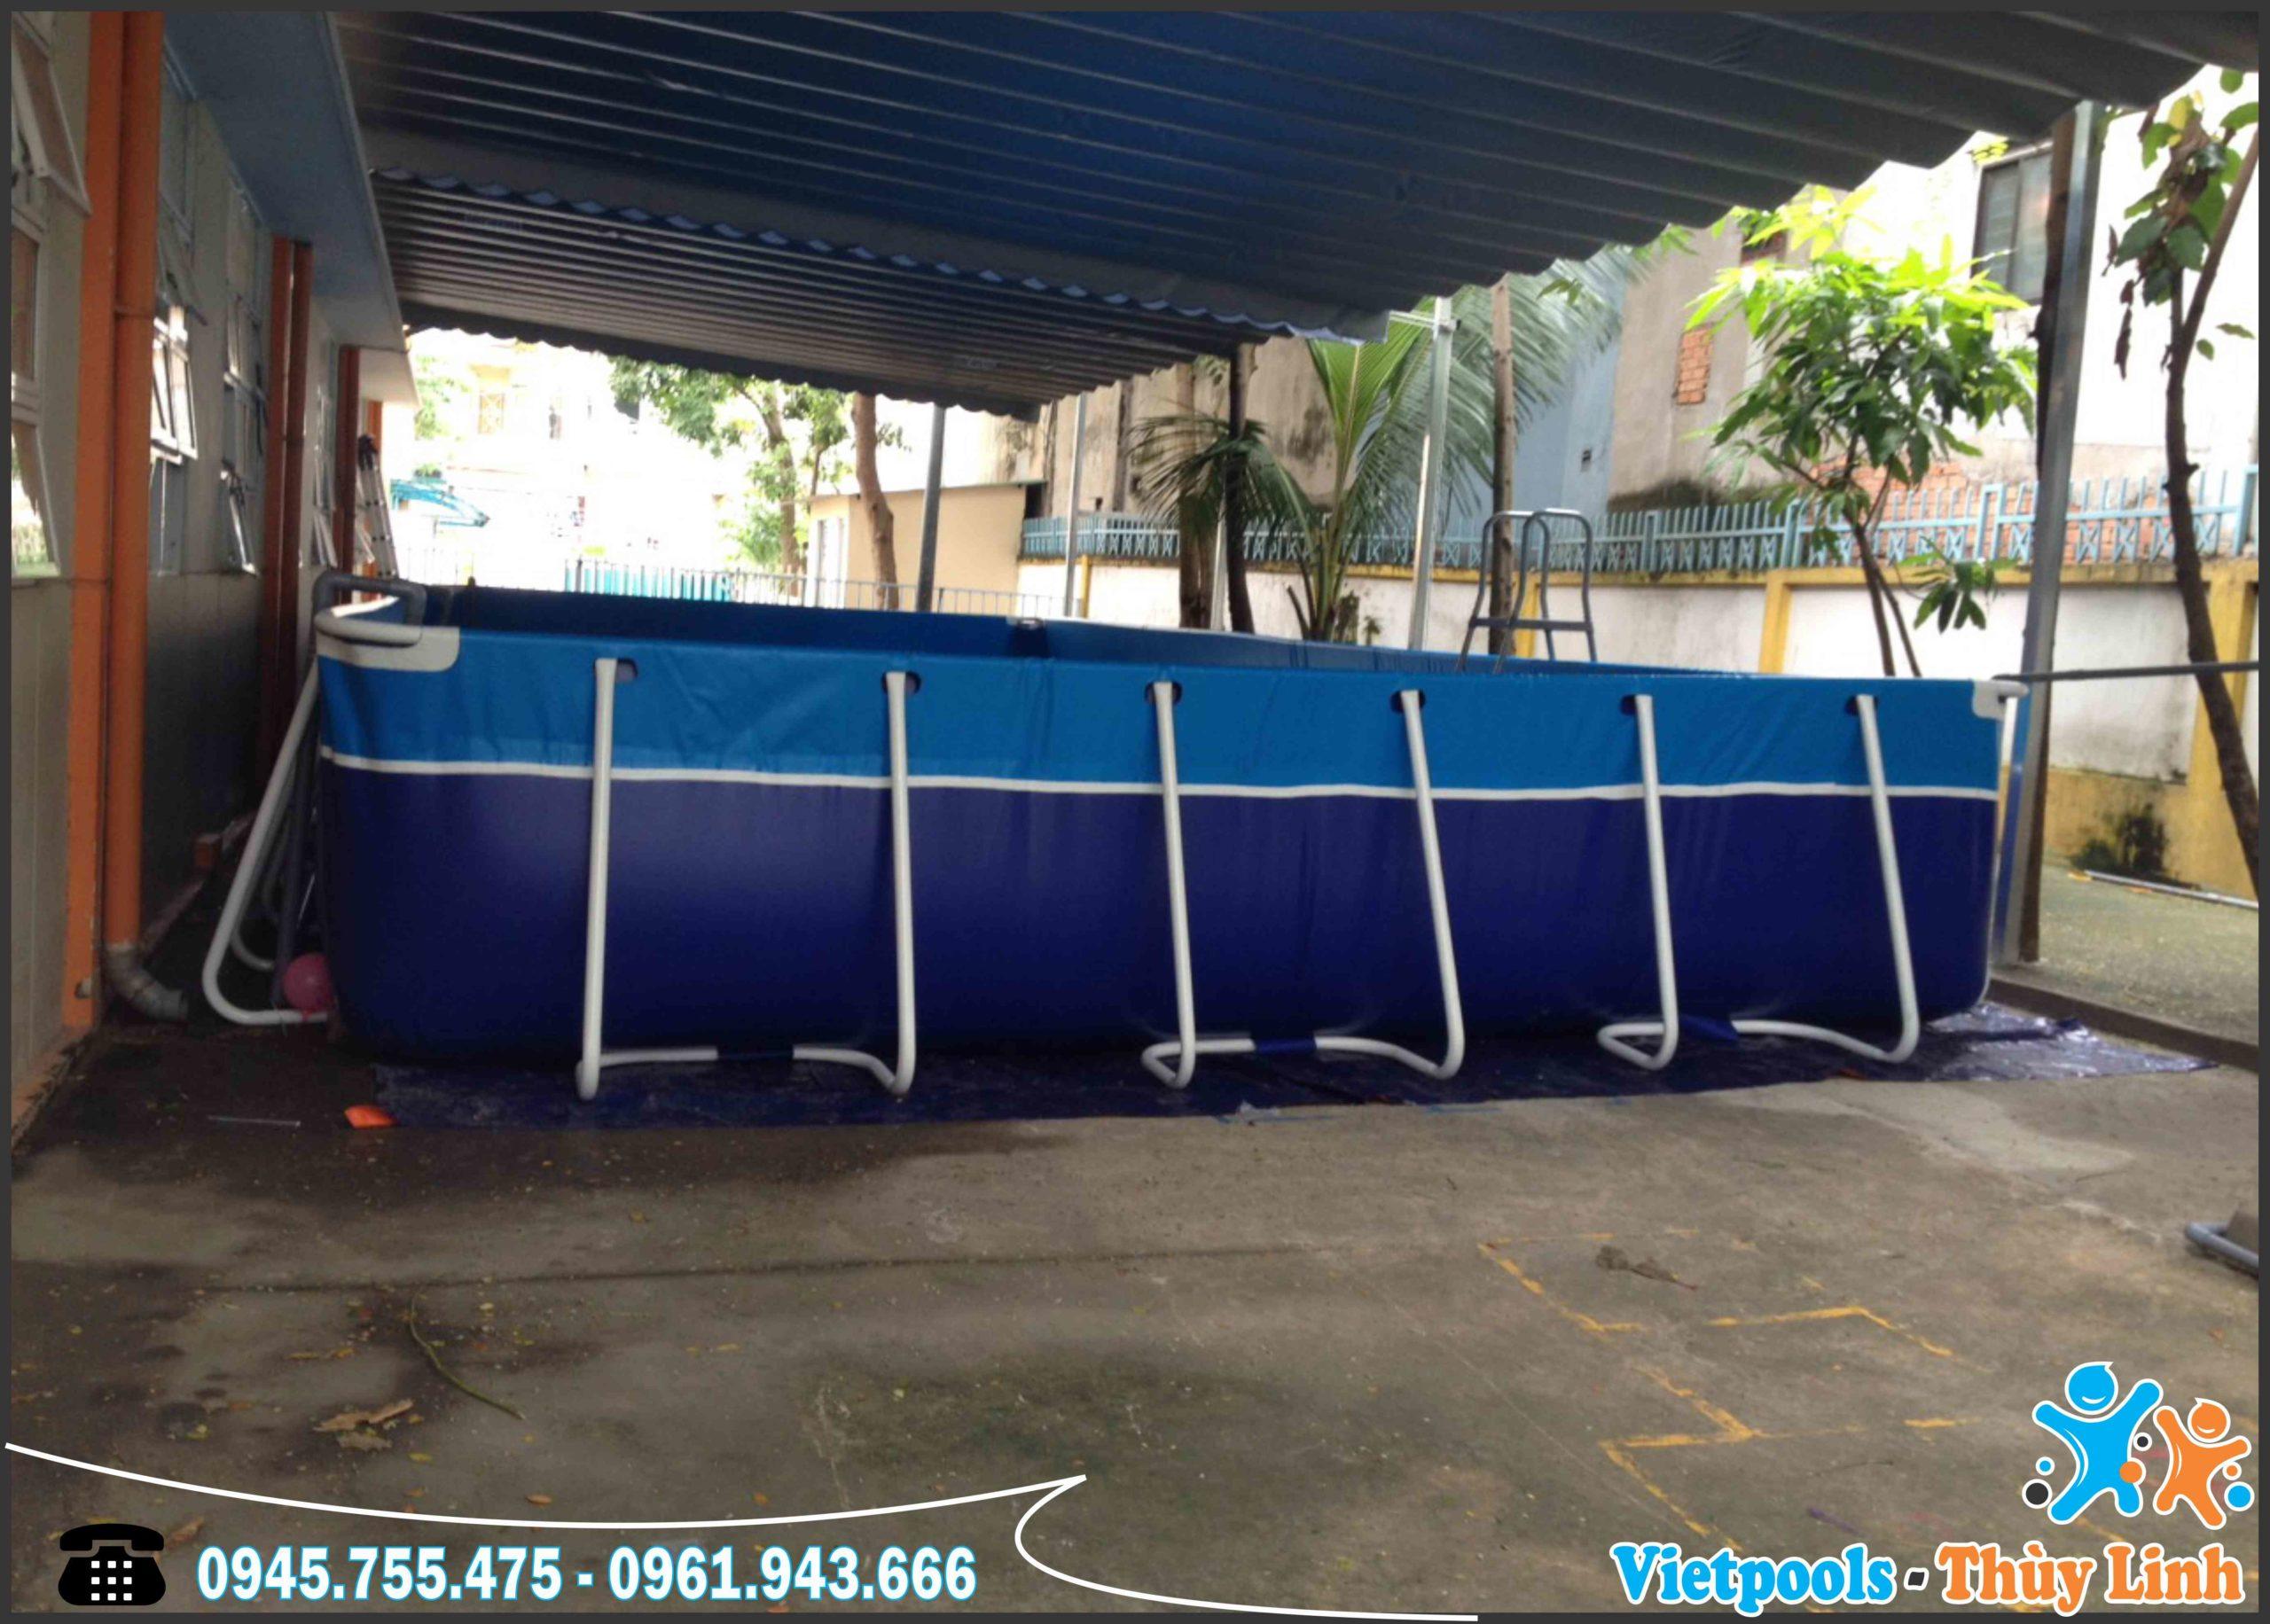 Xưởng sản xuất bể bơi thông minh hàng đầu Việt Nam 8